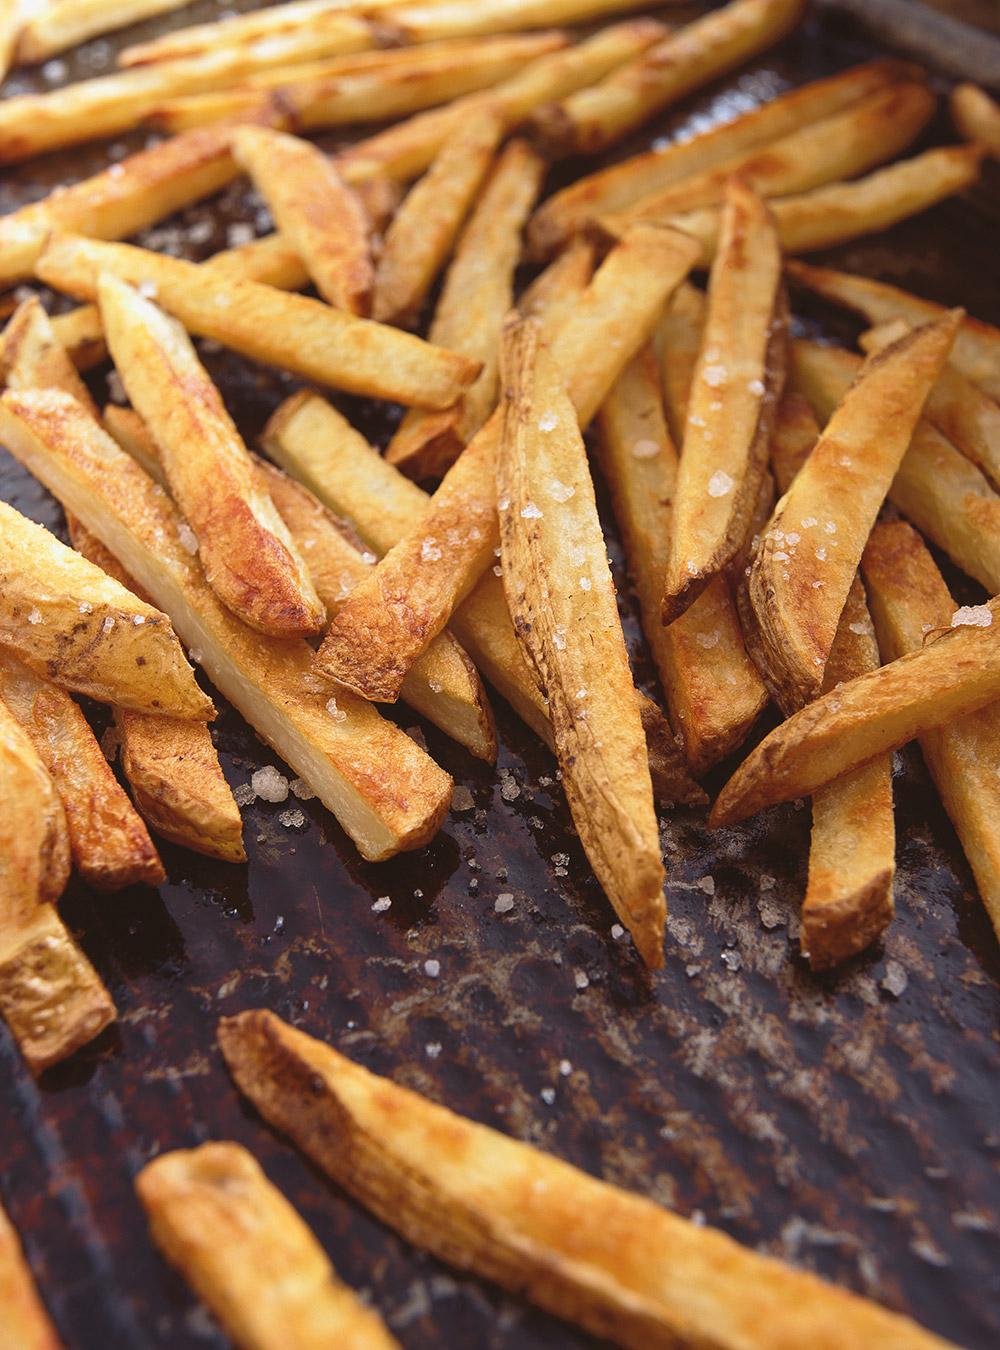 Comment Faire Des Frites Croustillantes : comment, faire, frites, croustillantes, Frites, L'huile, D'olive, Ricardo